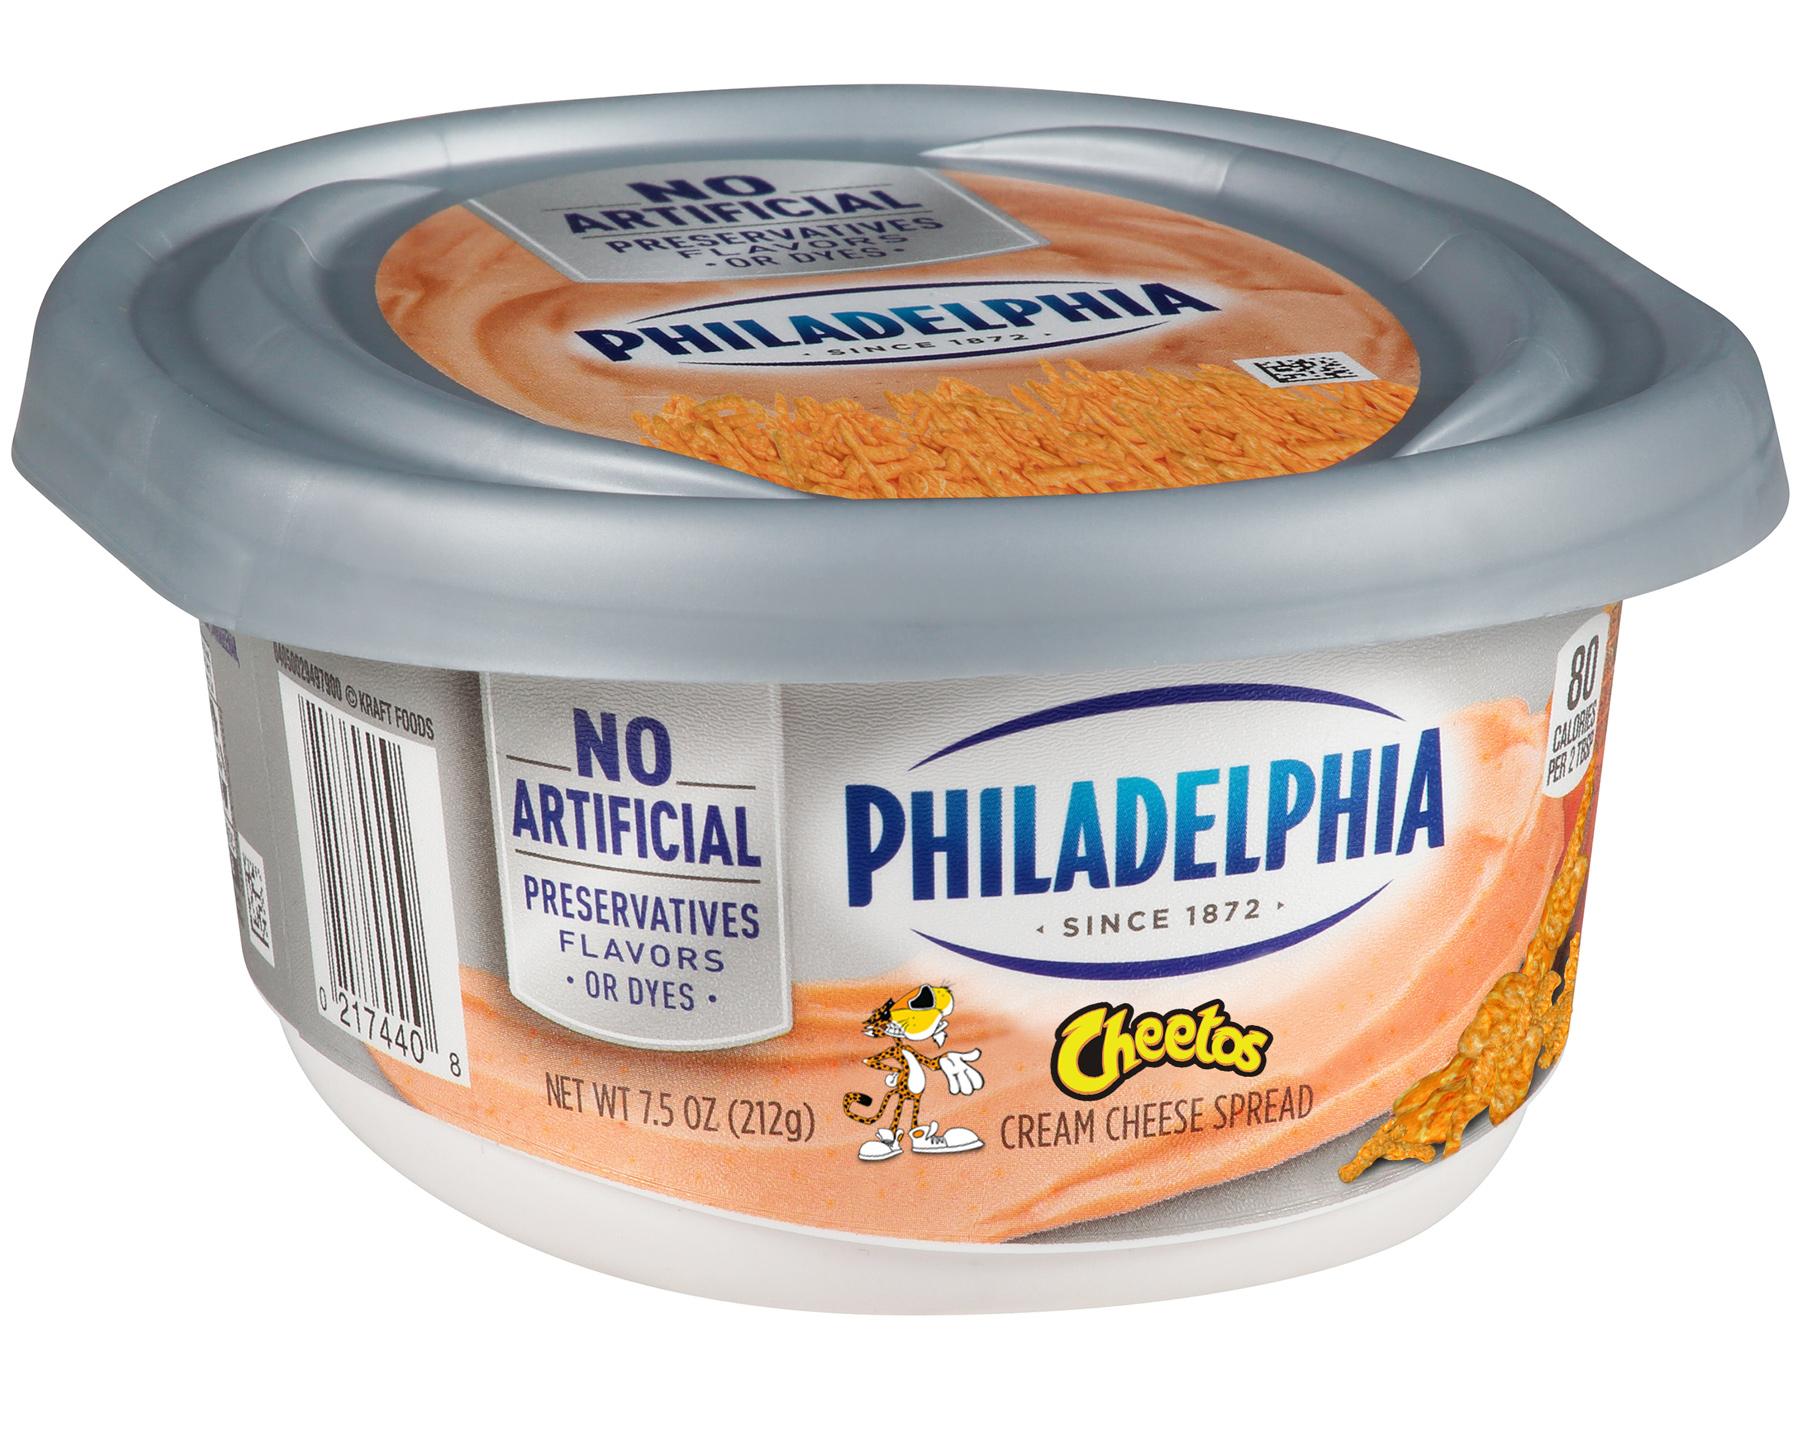 Cheetos-Cream-Cheese.jpg